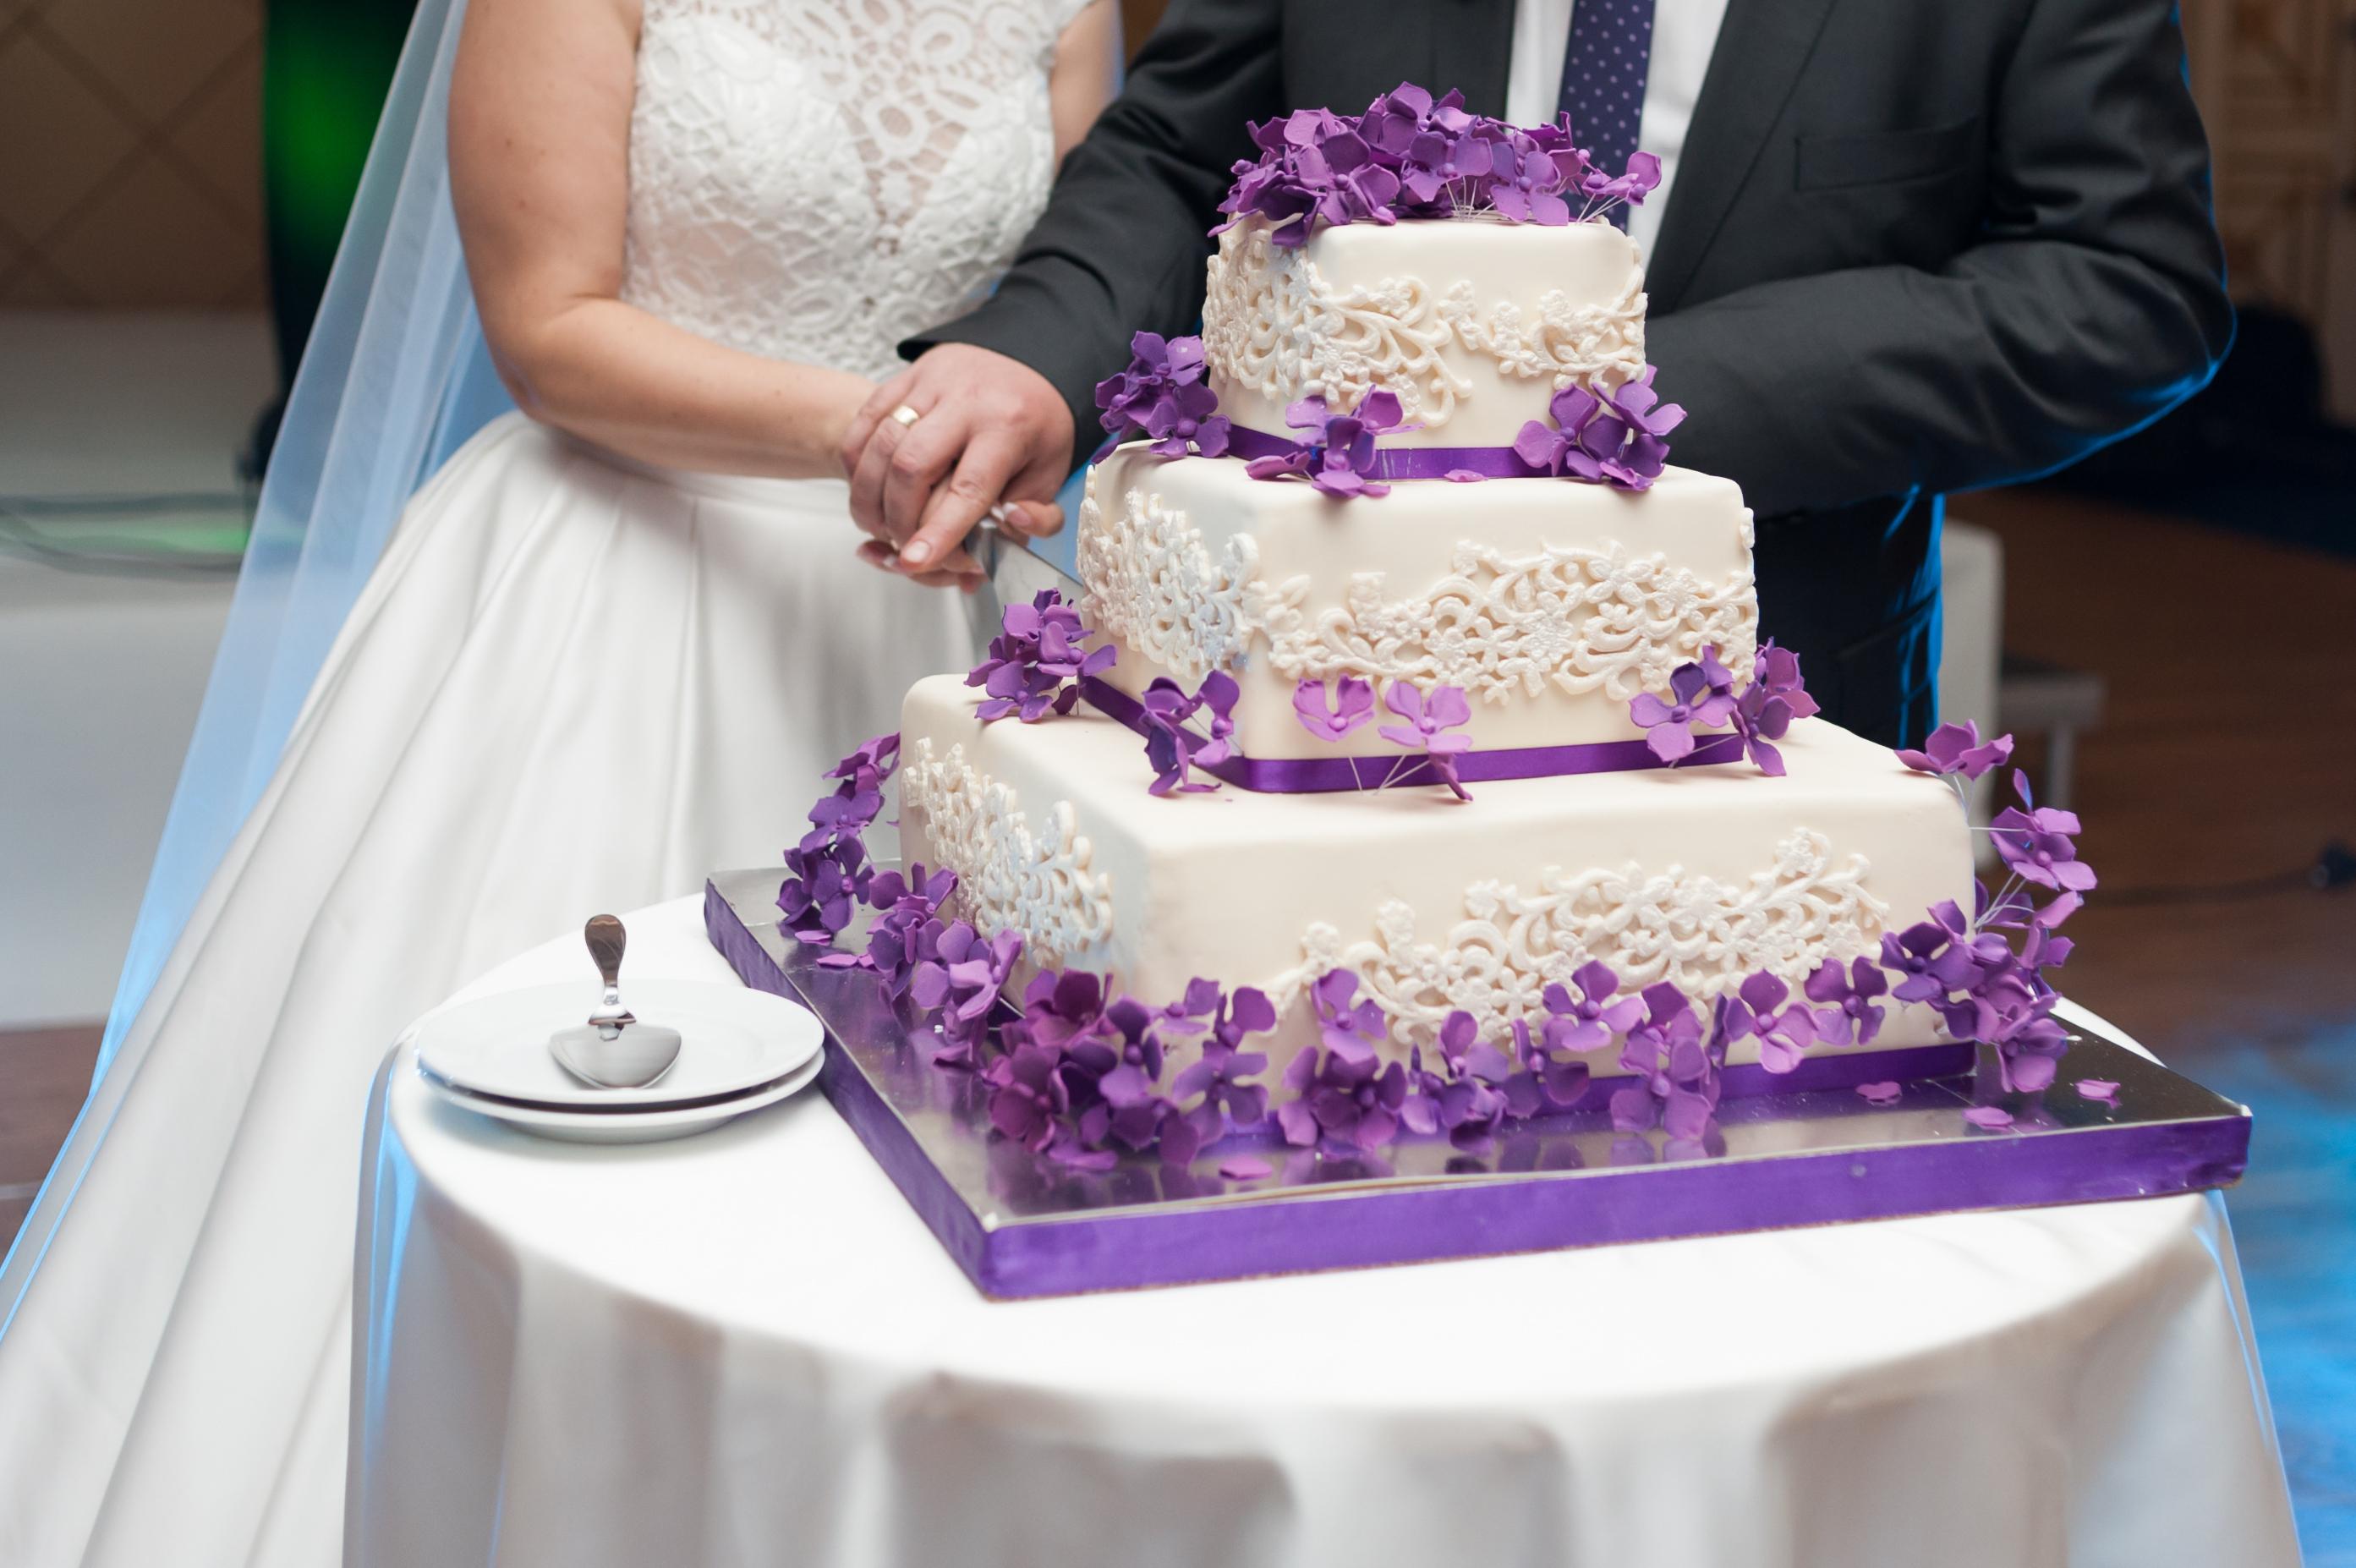 Wedding plannerka przyznaje, że czasami nie do końca wiadomo, kto jest klientem i kto ma ostatnie słowo - młoda para czy rodzice (Shutterstock.com)